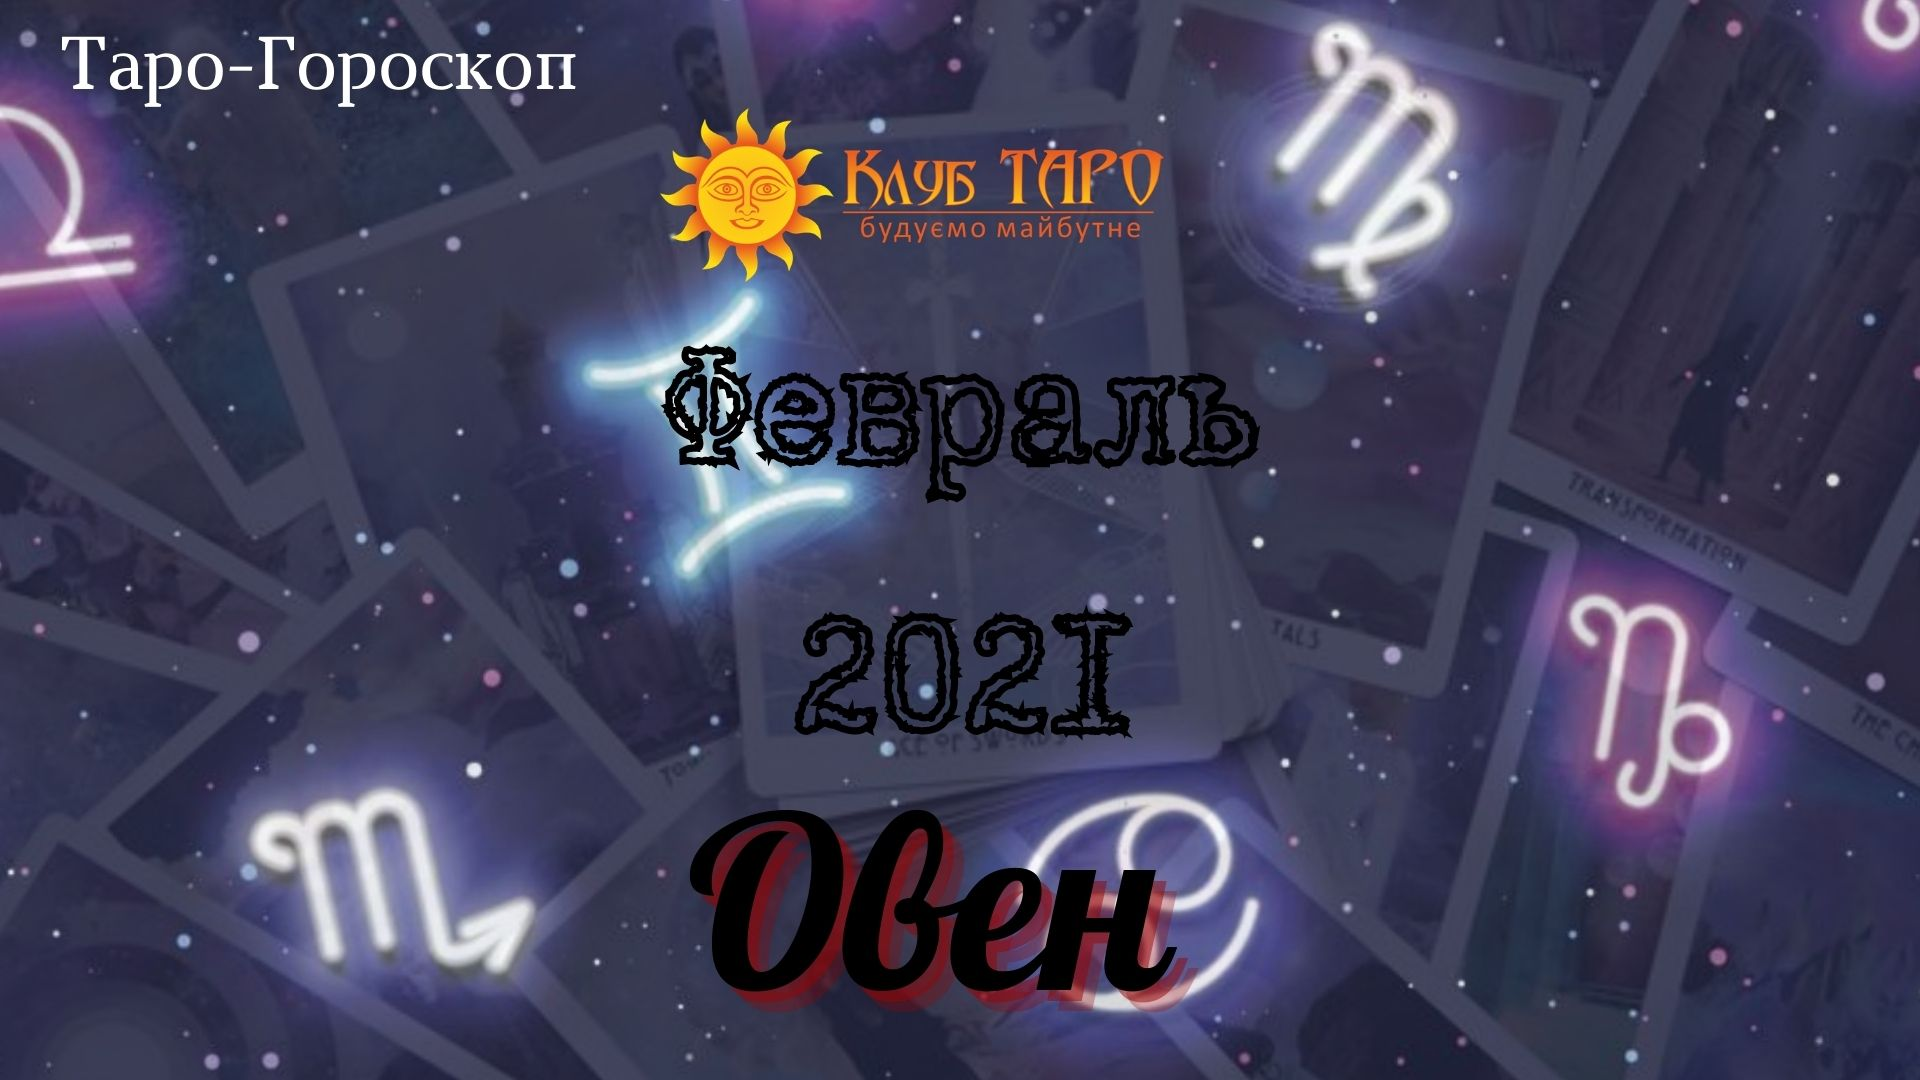 horosovenfev21